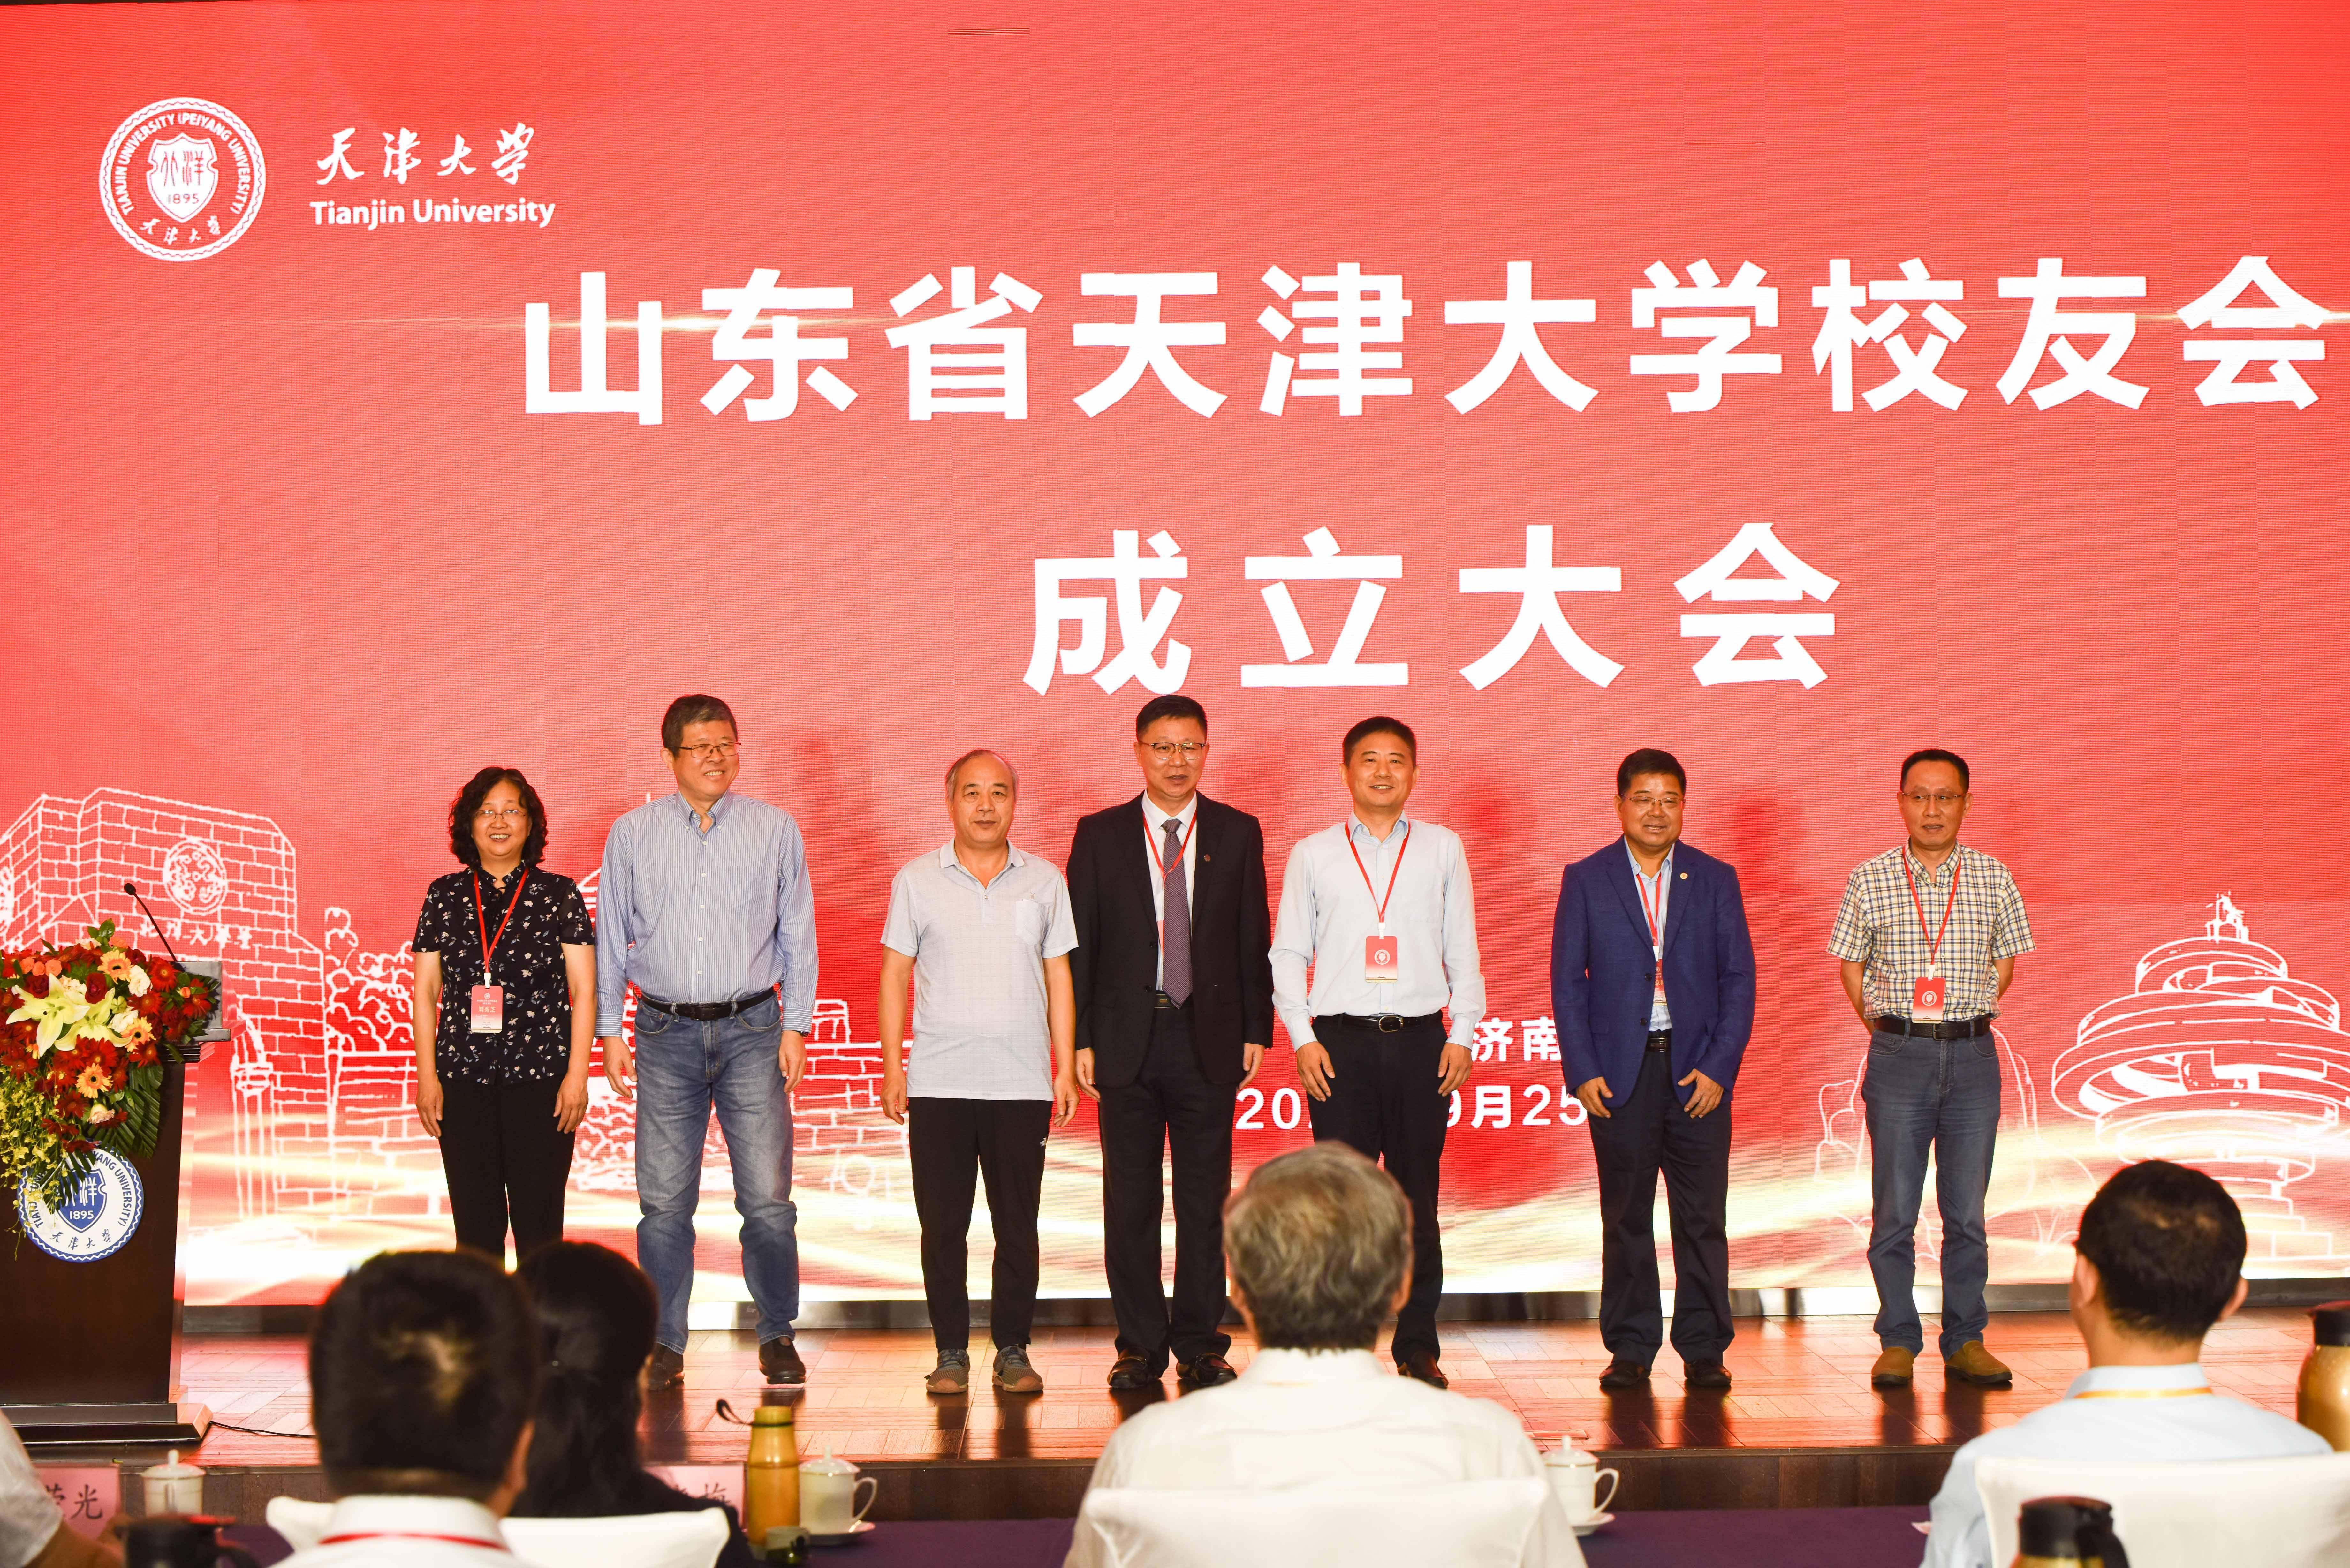 山东省天津大学校友会正式成立!7000校友共赢发展服务社会